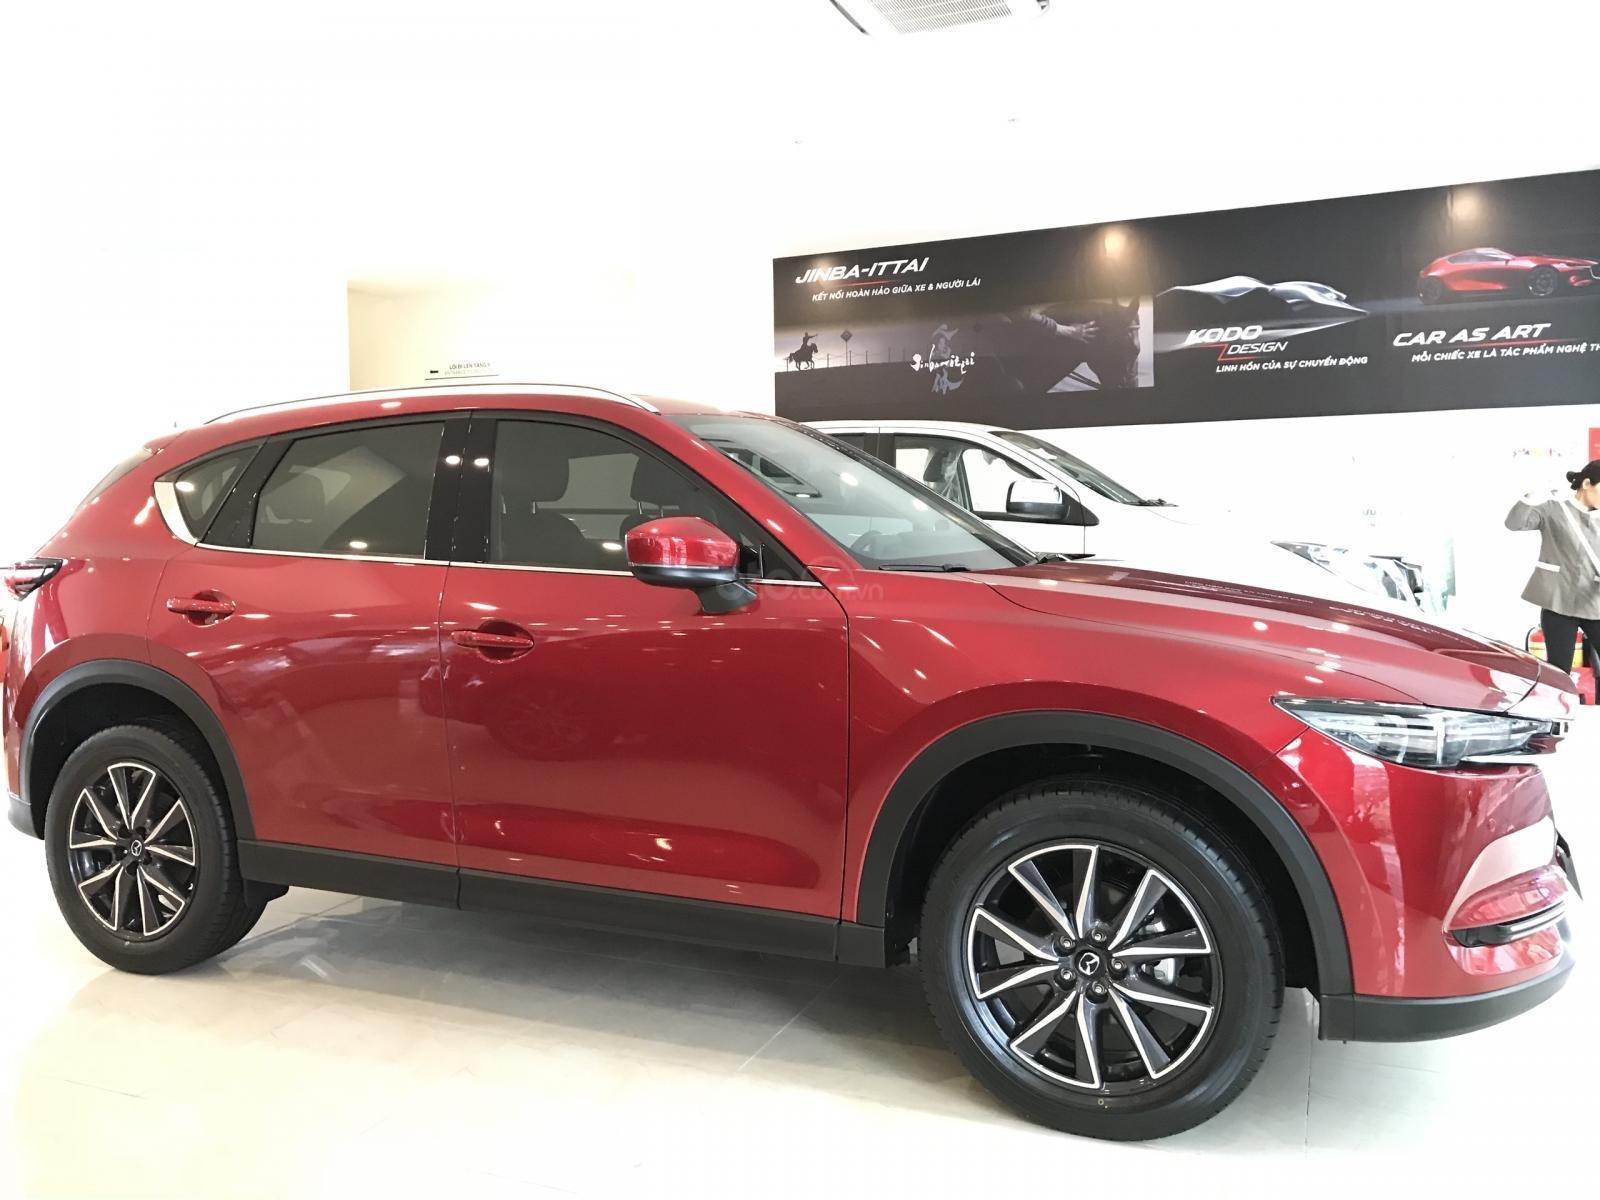 Mazda CX5 2019, chỉ 240tr nhận xe, khuyến mại cực khủng 5x Tr, LH: 098.115.3883/094.159.9922 để được hỗ trợ tốt nhất-7